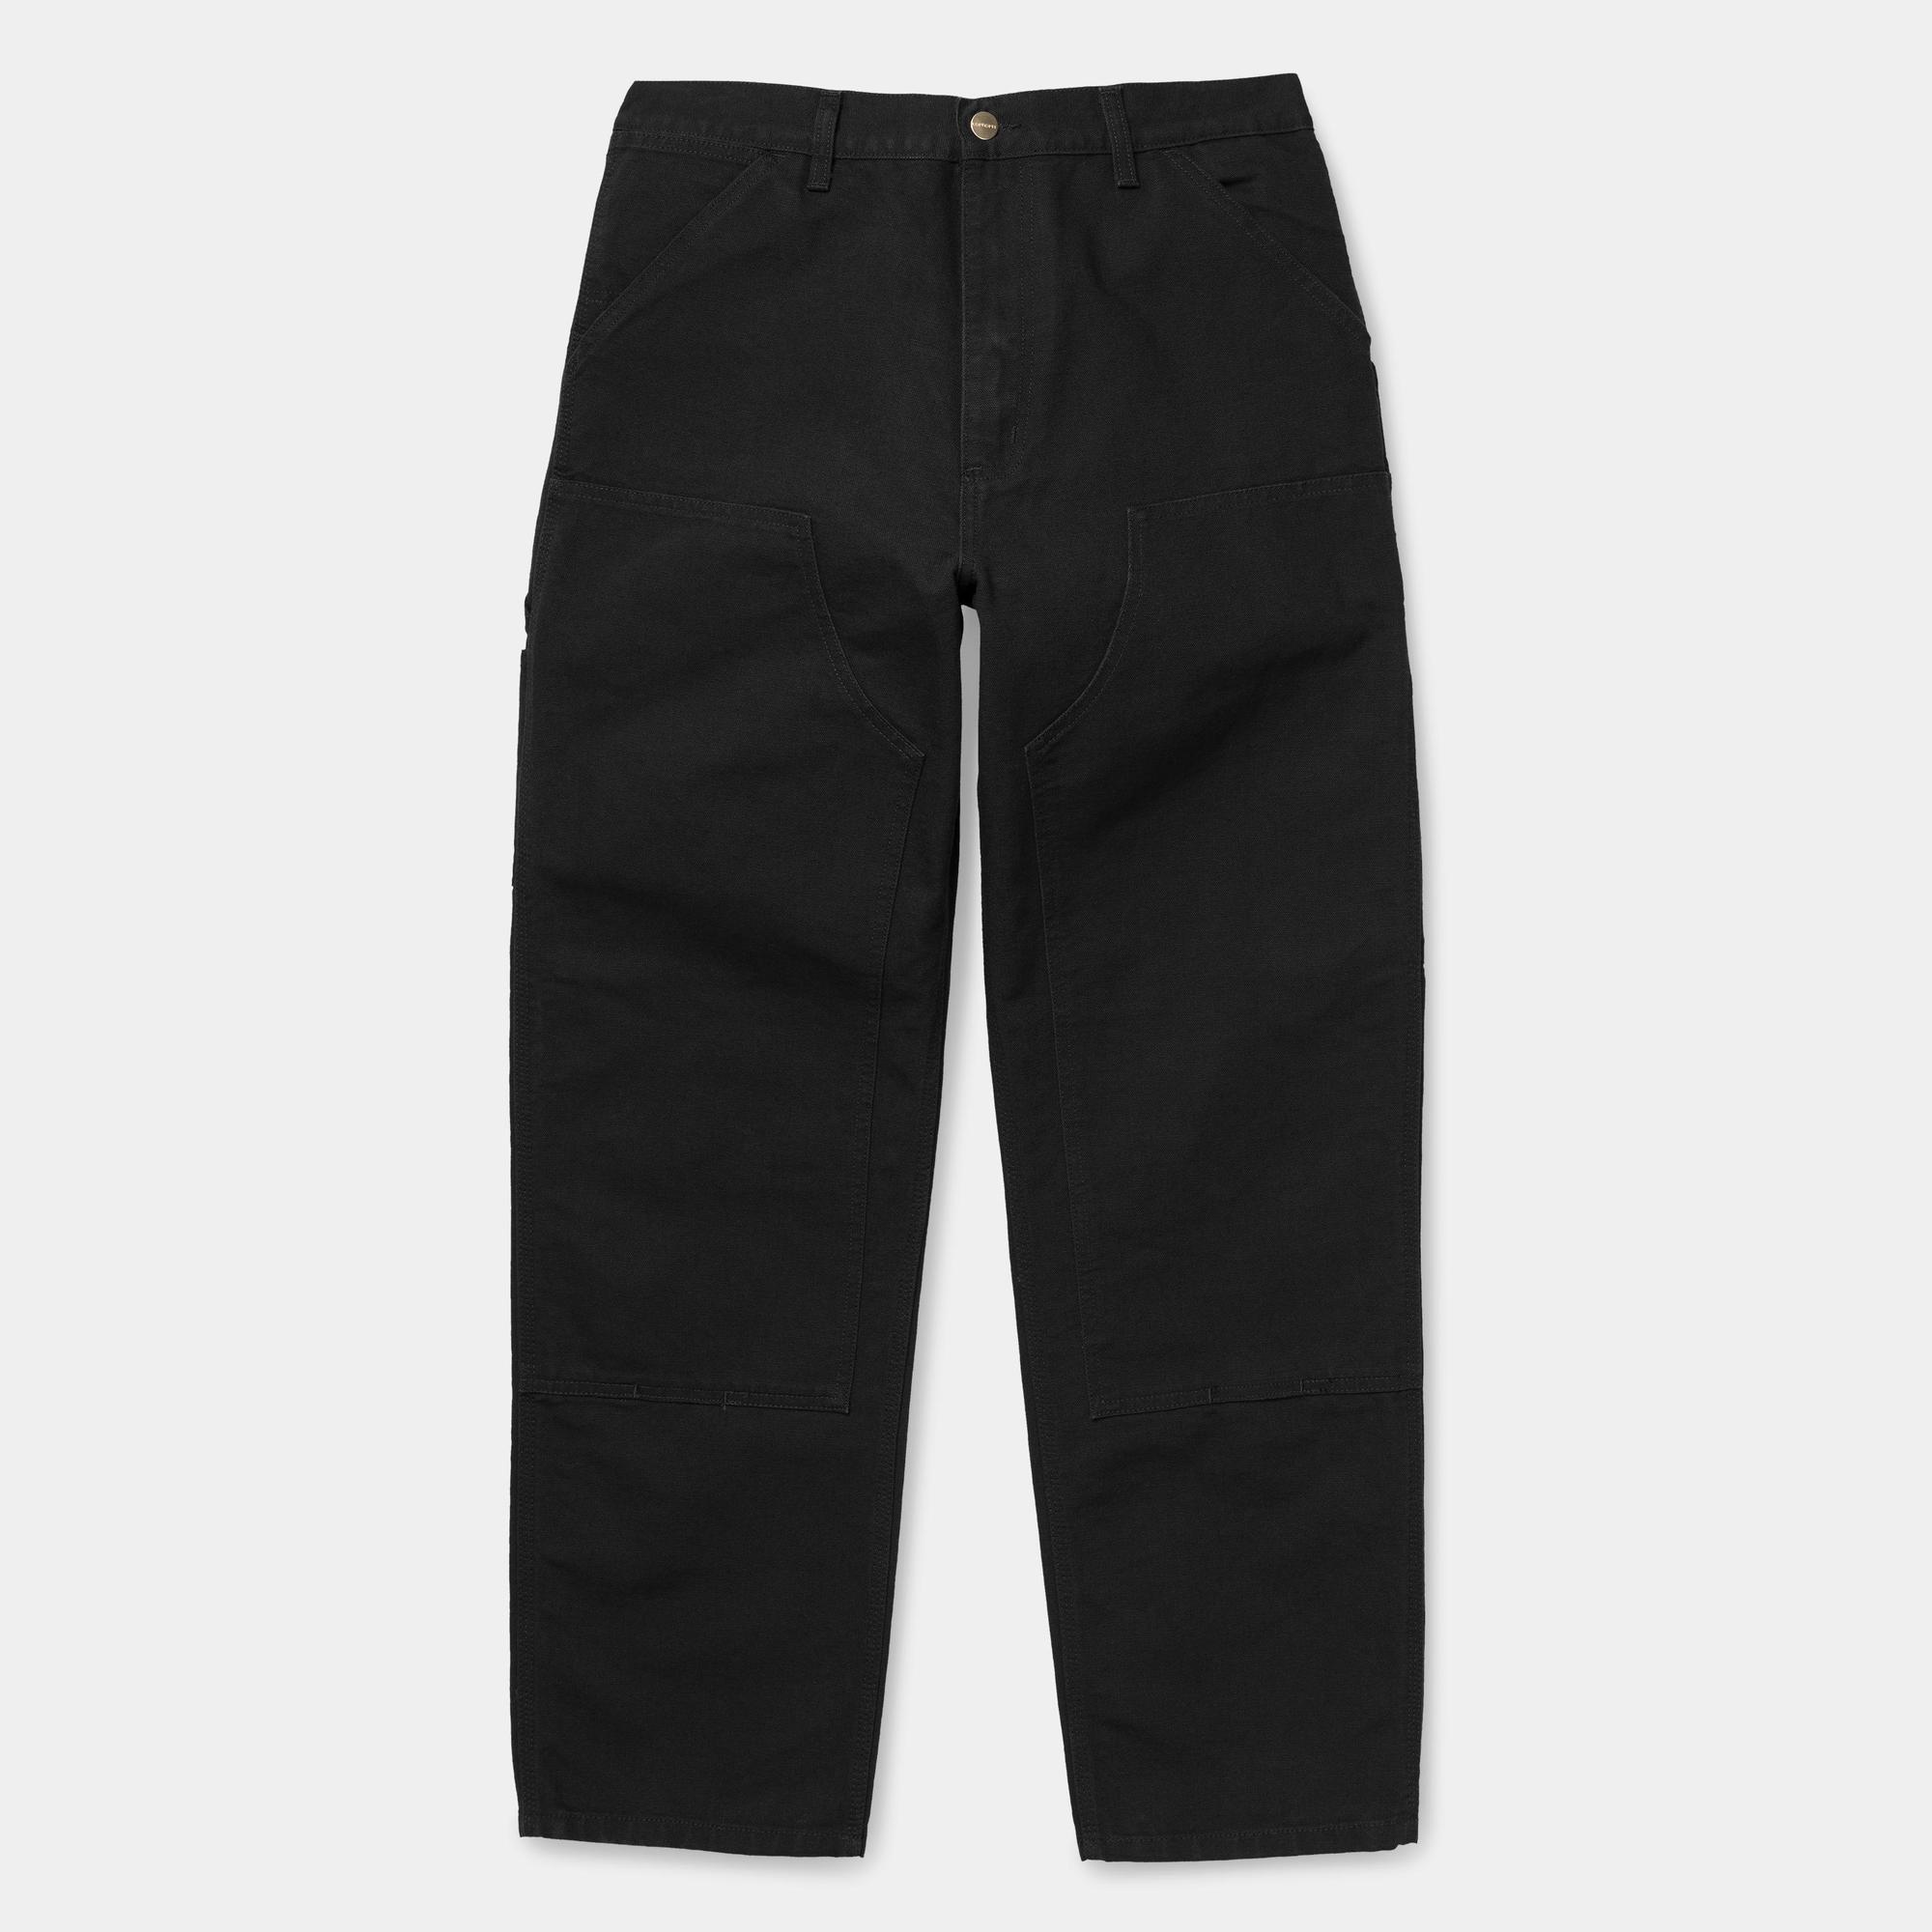 Carhartt WIP Carhartt WIP Double-Knee Pant - Black